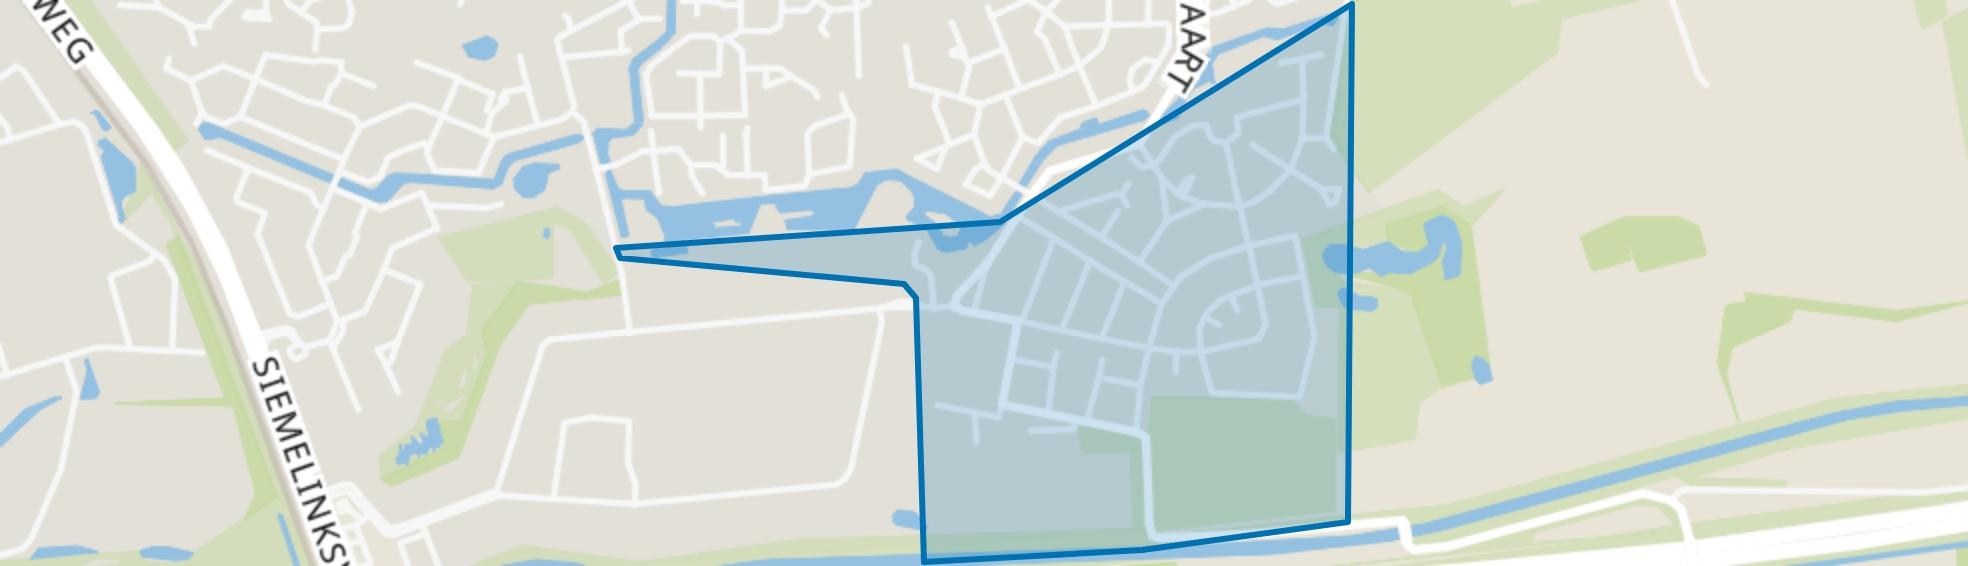 Swormink, Deventer map